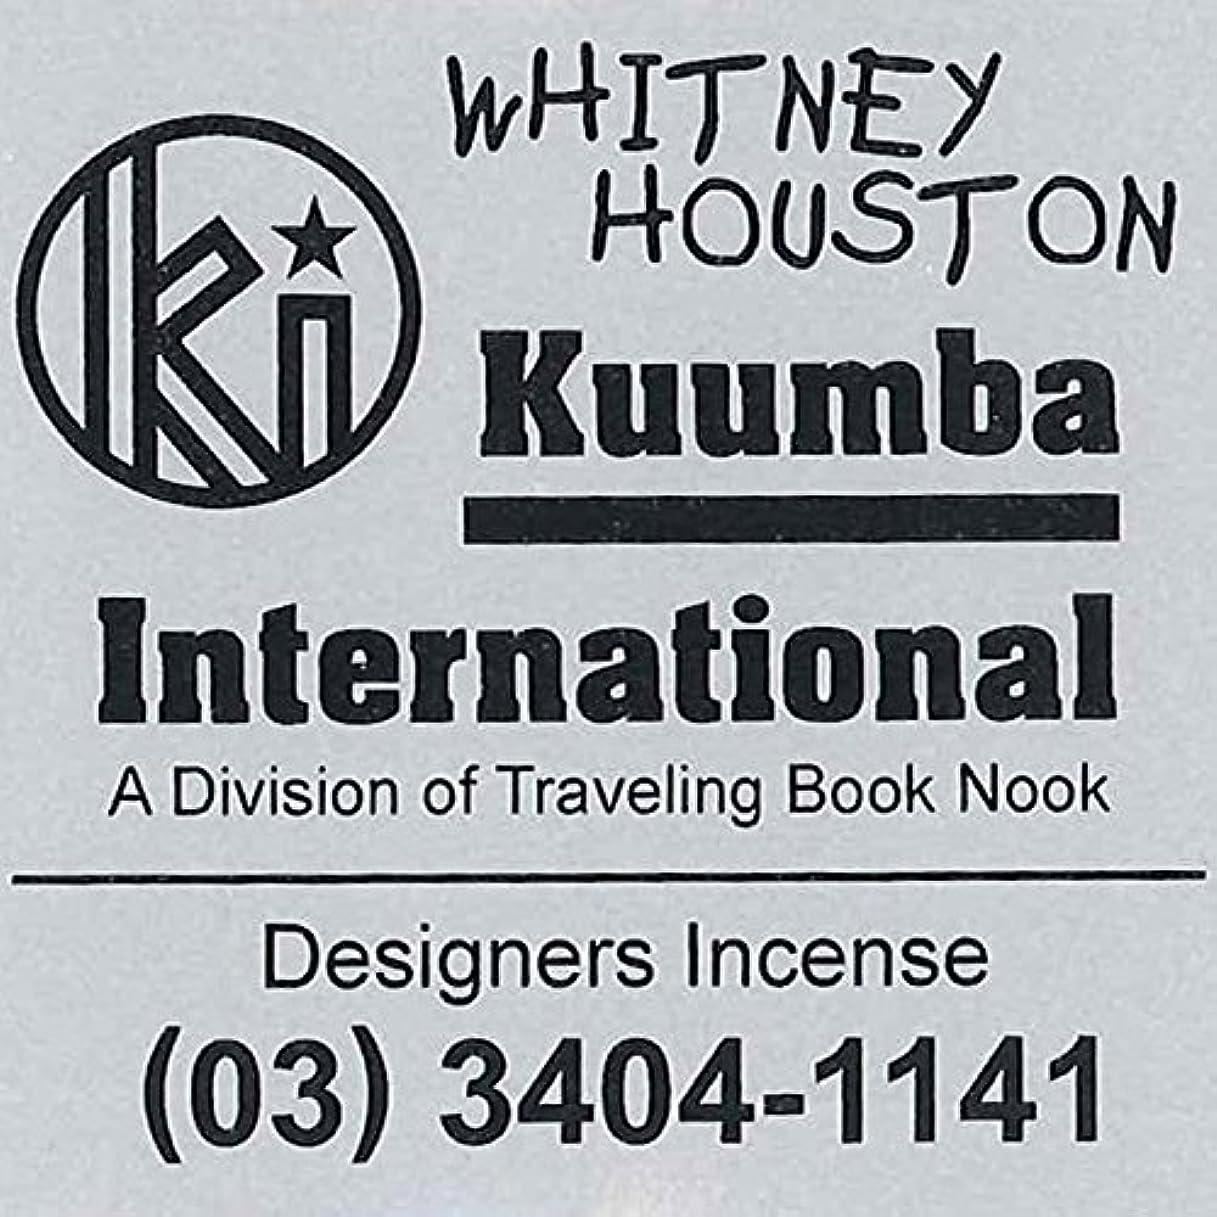 肉腫促す欠陥KUUMBA/クンバ『incense』(WHITNEY HOUSTON ホイットニーヒューストン)(Mini size)